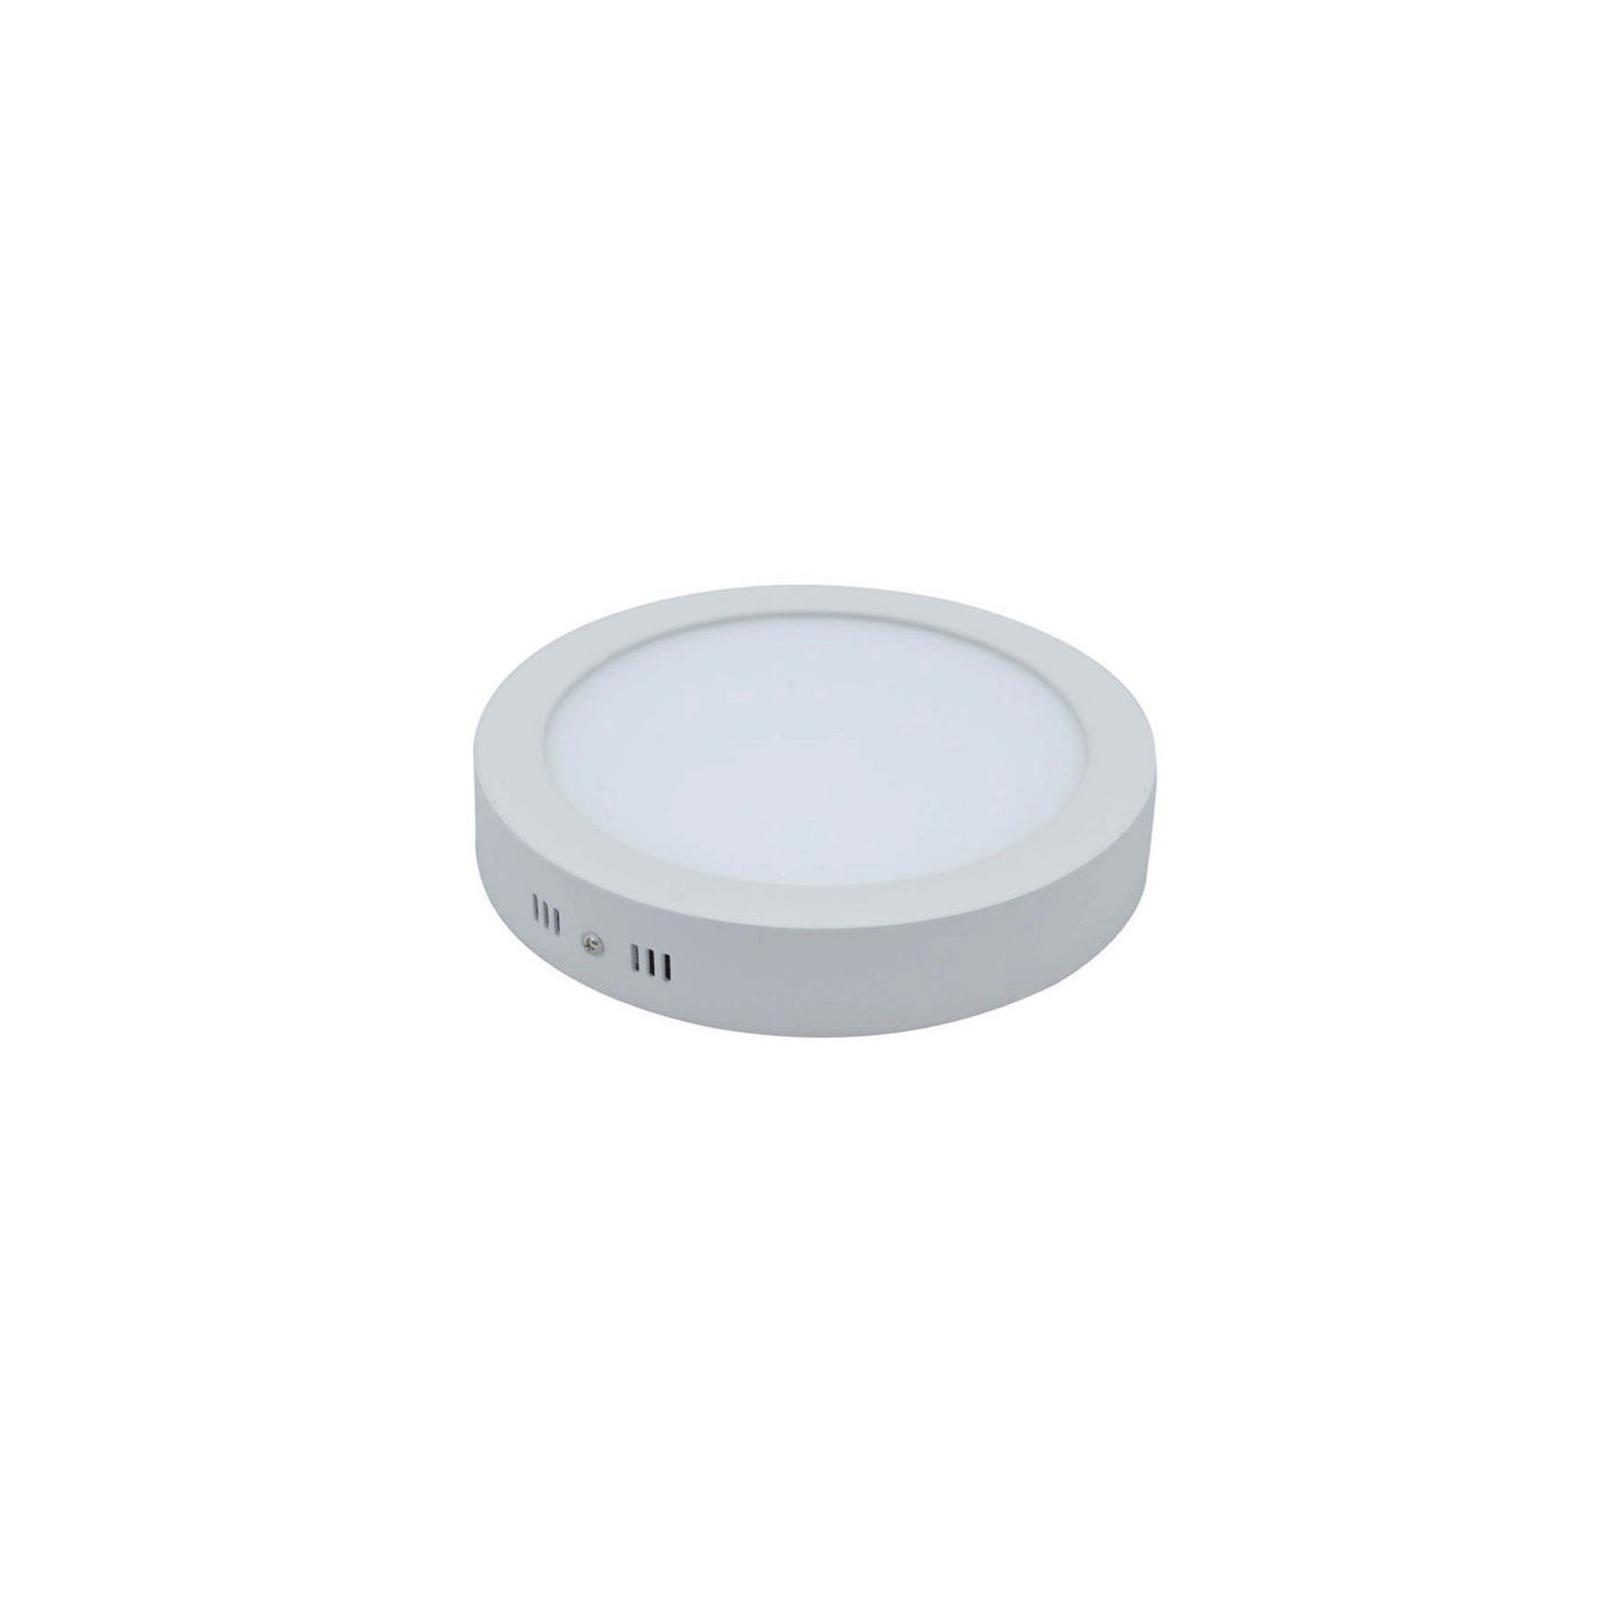 HUBLOT LED 12W ROND BLANC NEUTRE INTERIEUR IP20